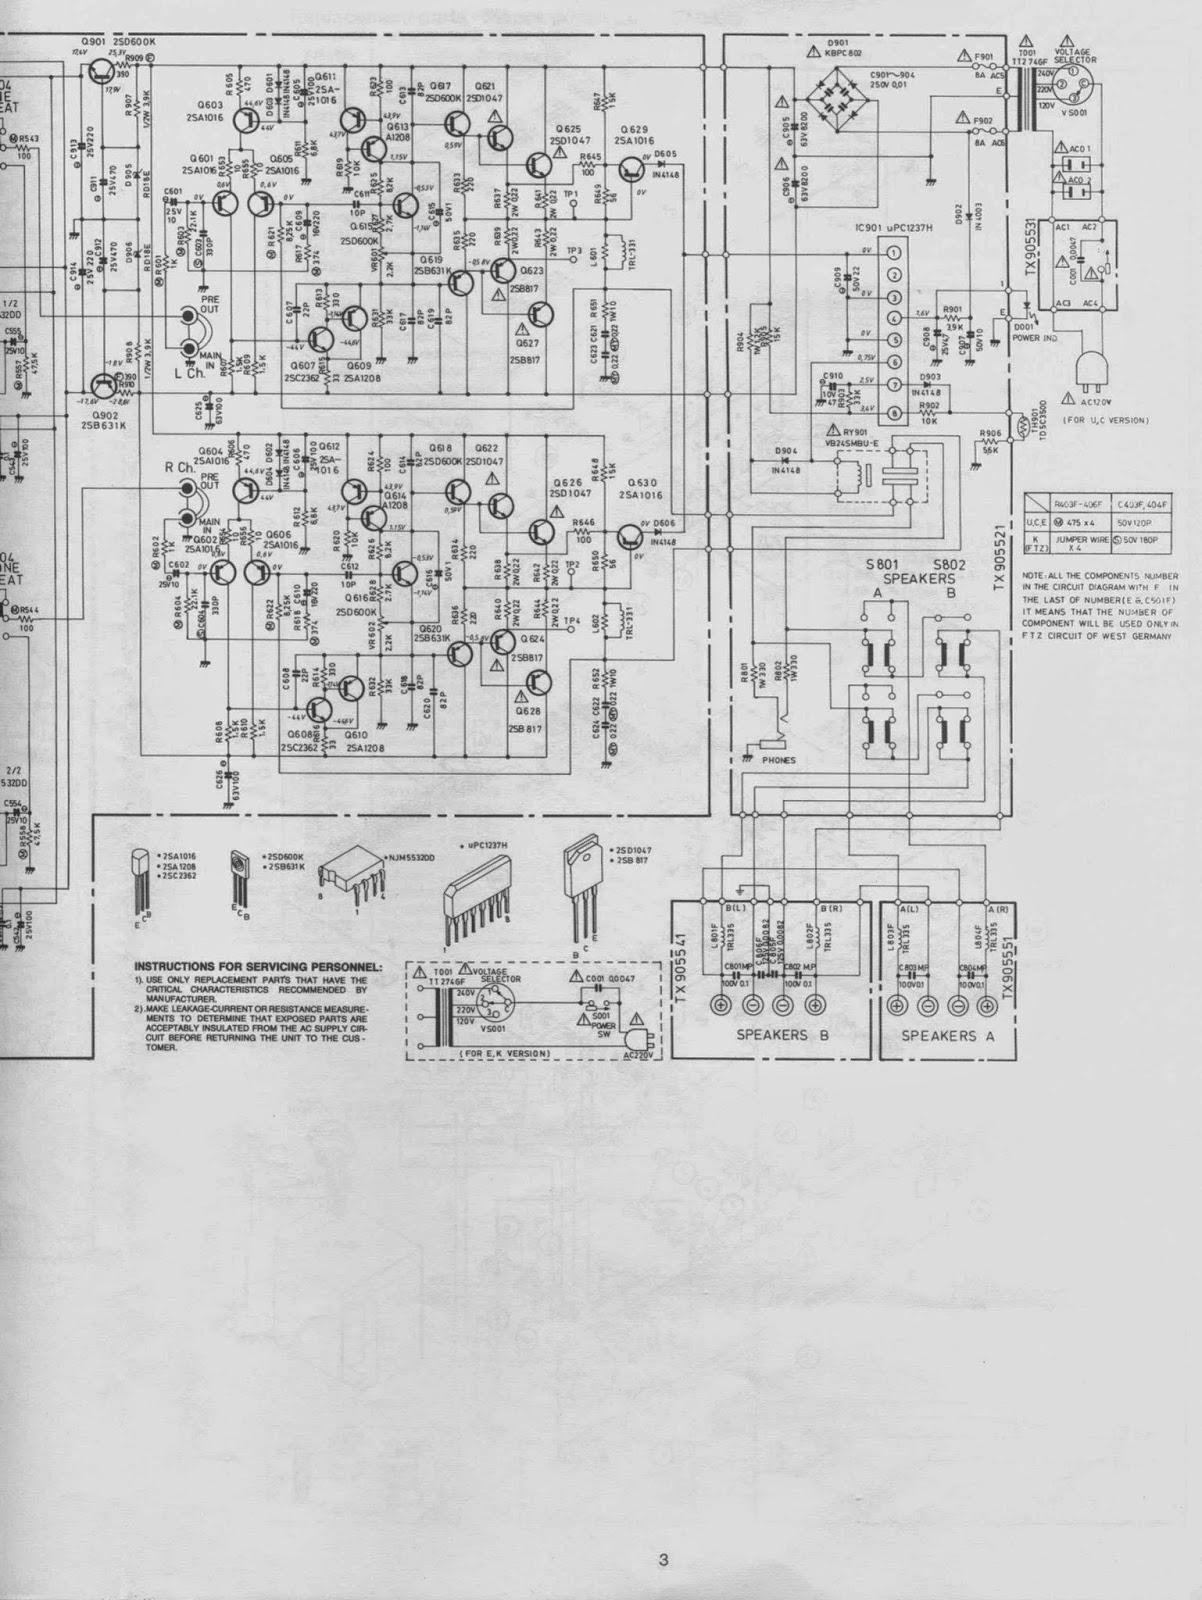 Infrequent Sound Tex Technology Dual Cv